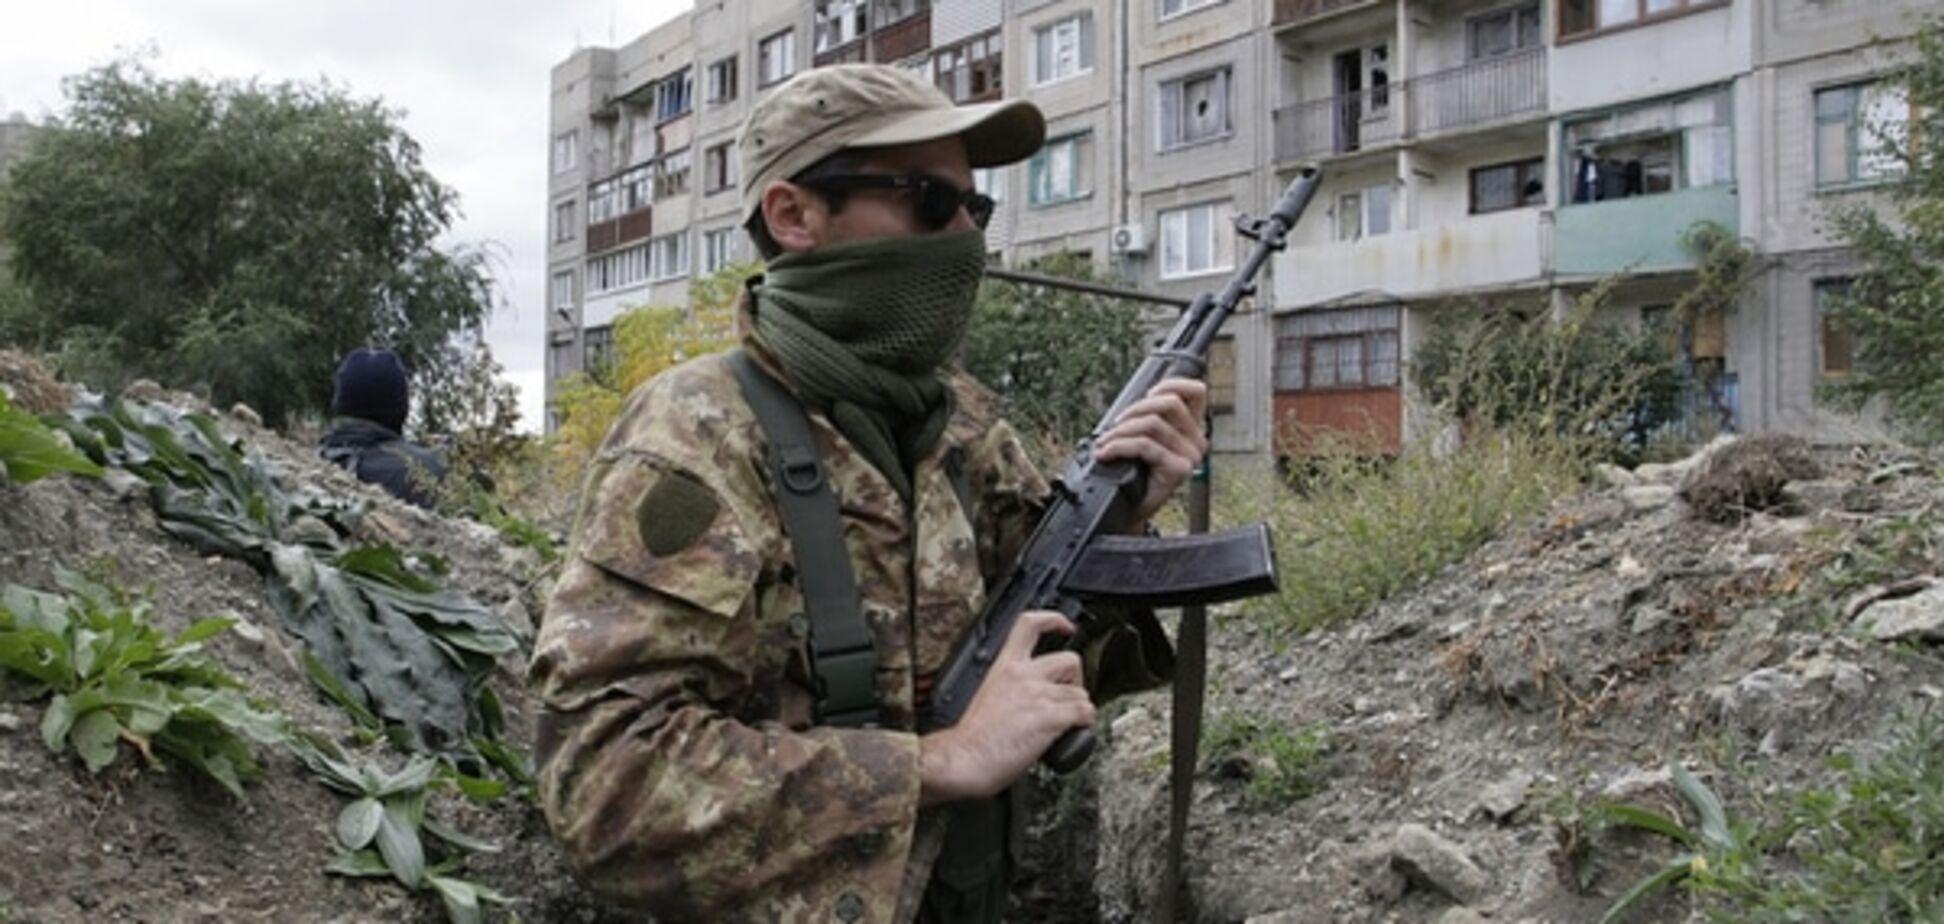 'ЛНР' мобілізує колишніх українських військових і міліціонерів